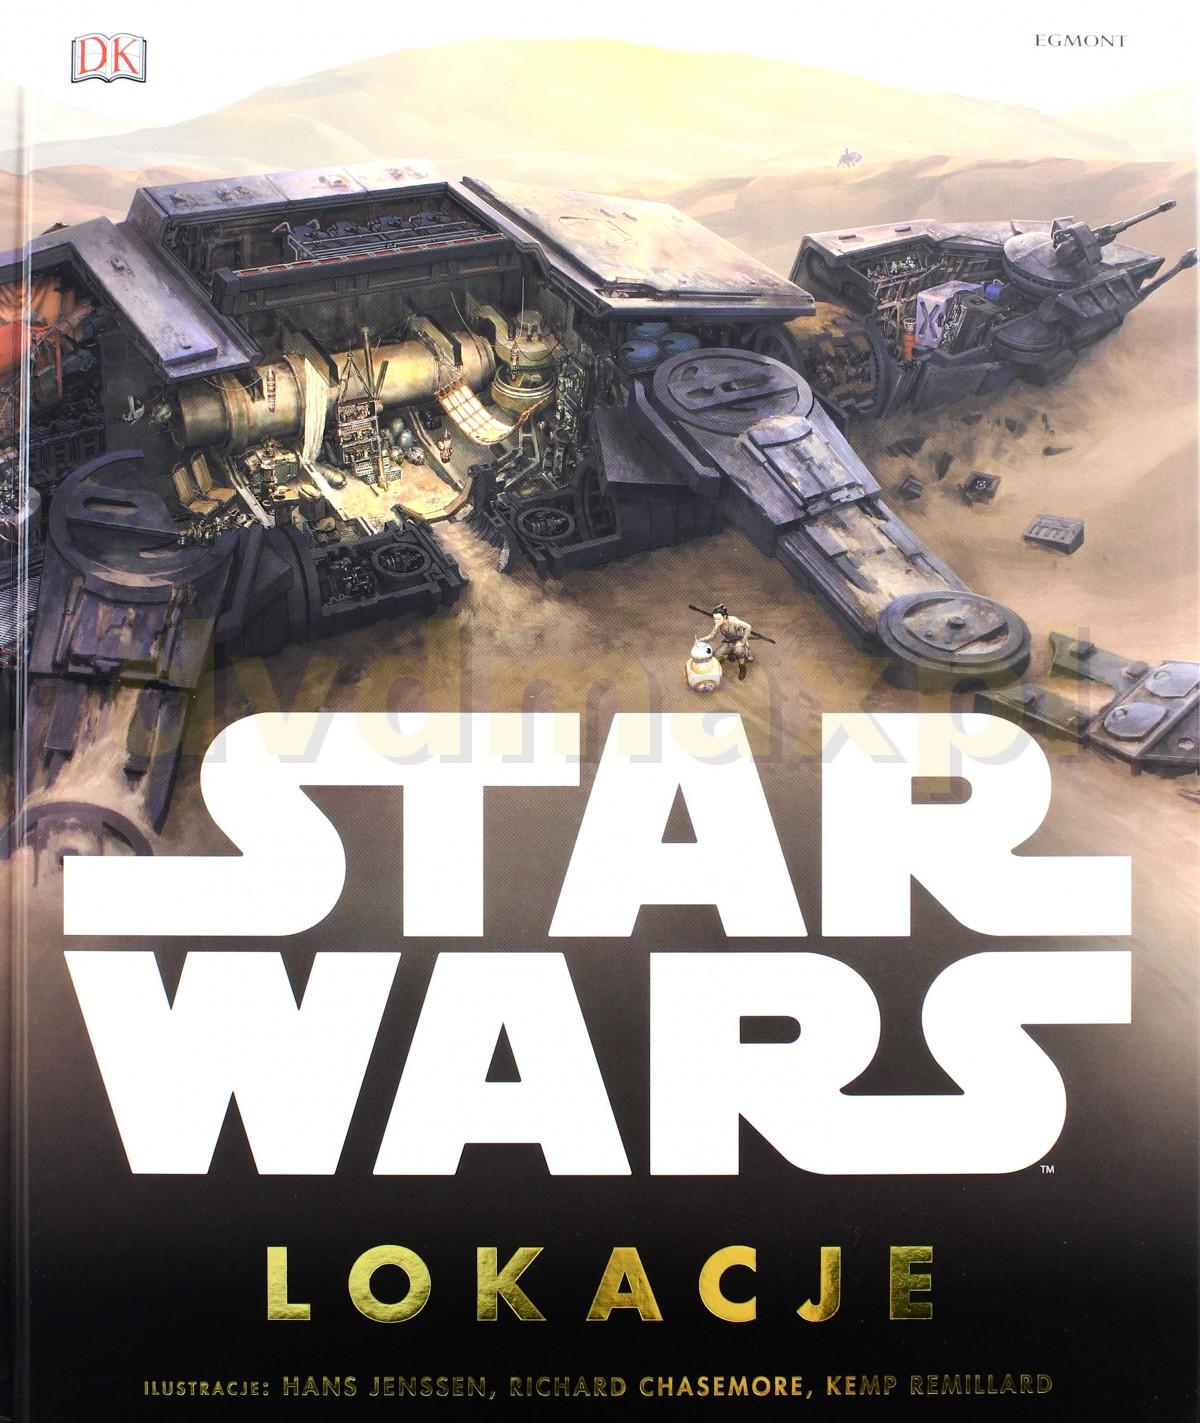 Lokacje Star Wars (Gwiezdne Wojny) [KSIĄŻKA] - Opracowanie zbiorowe